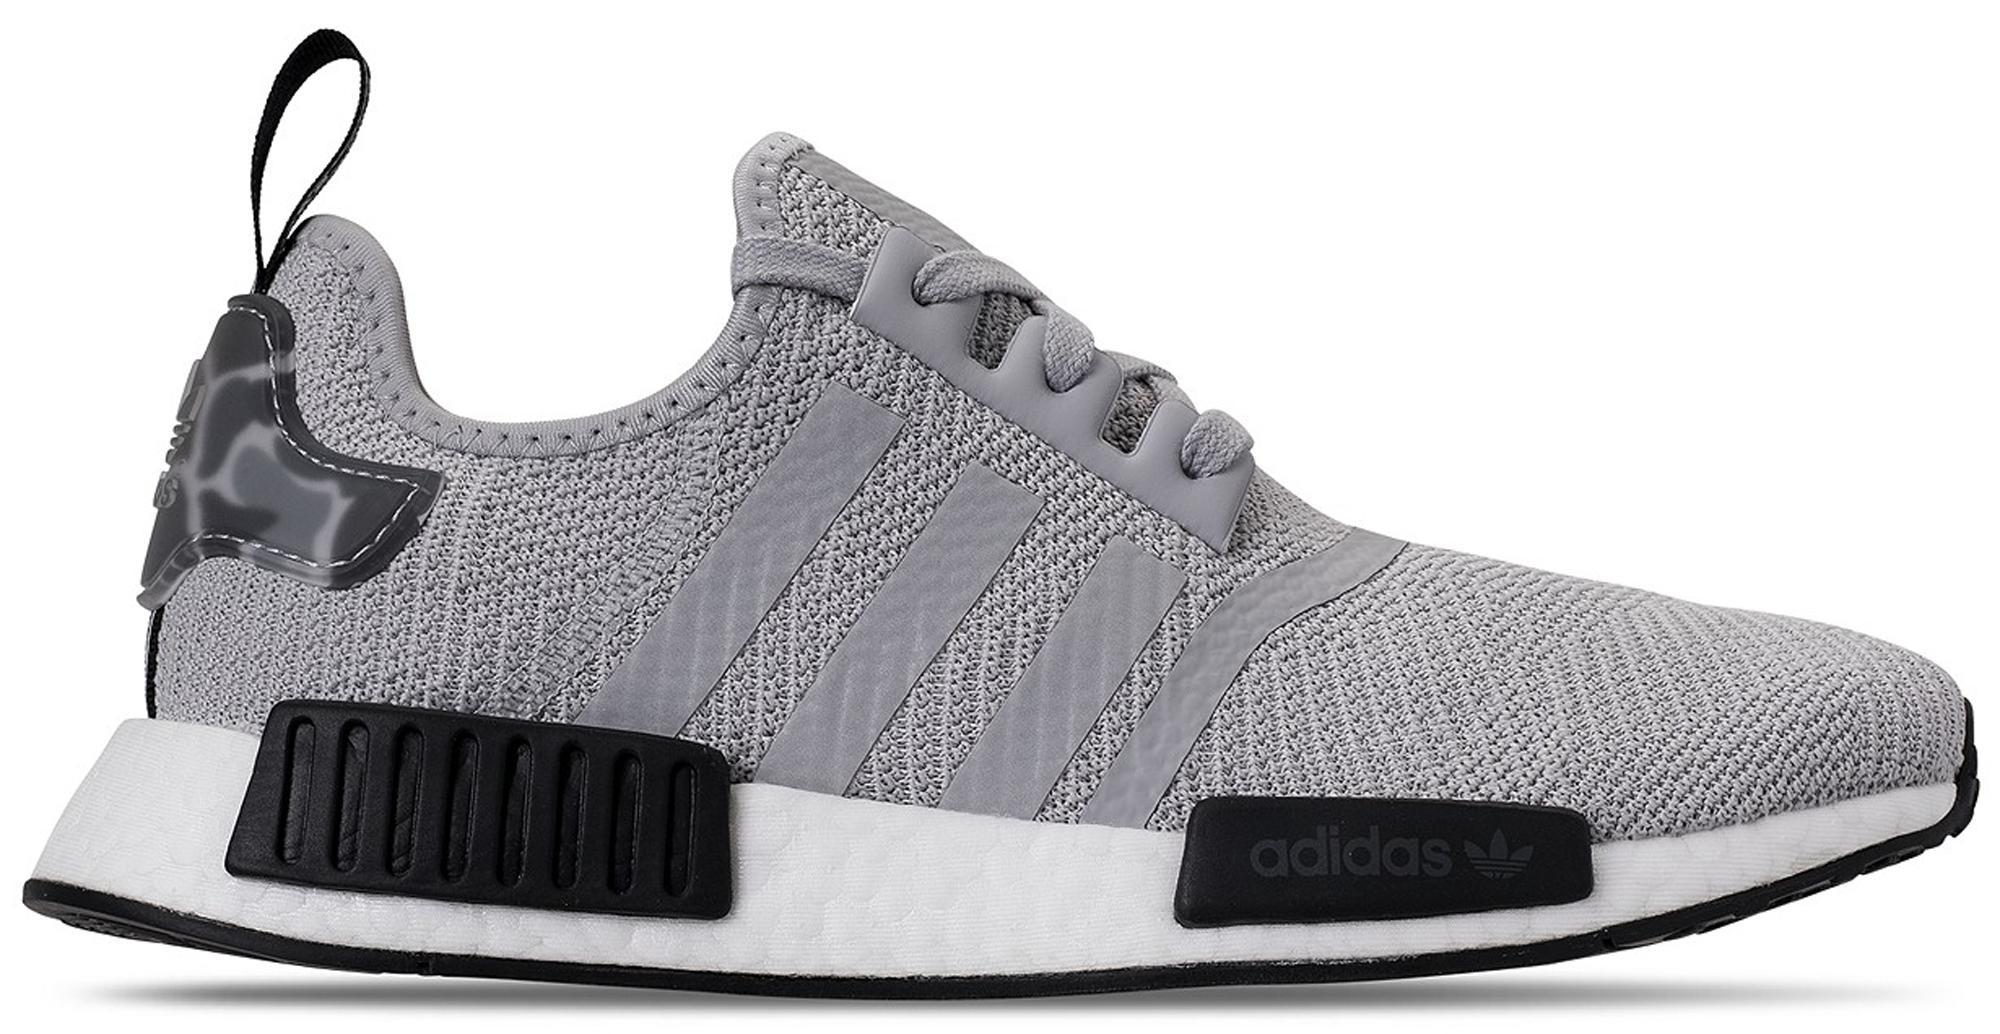 adidas Nmd R1 Grey Camo Heel in Gray